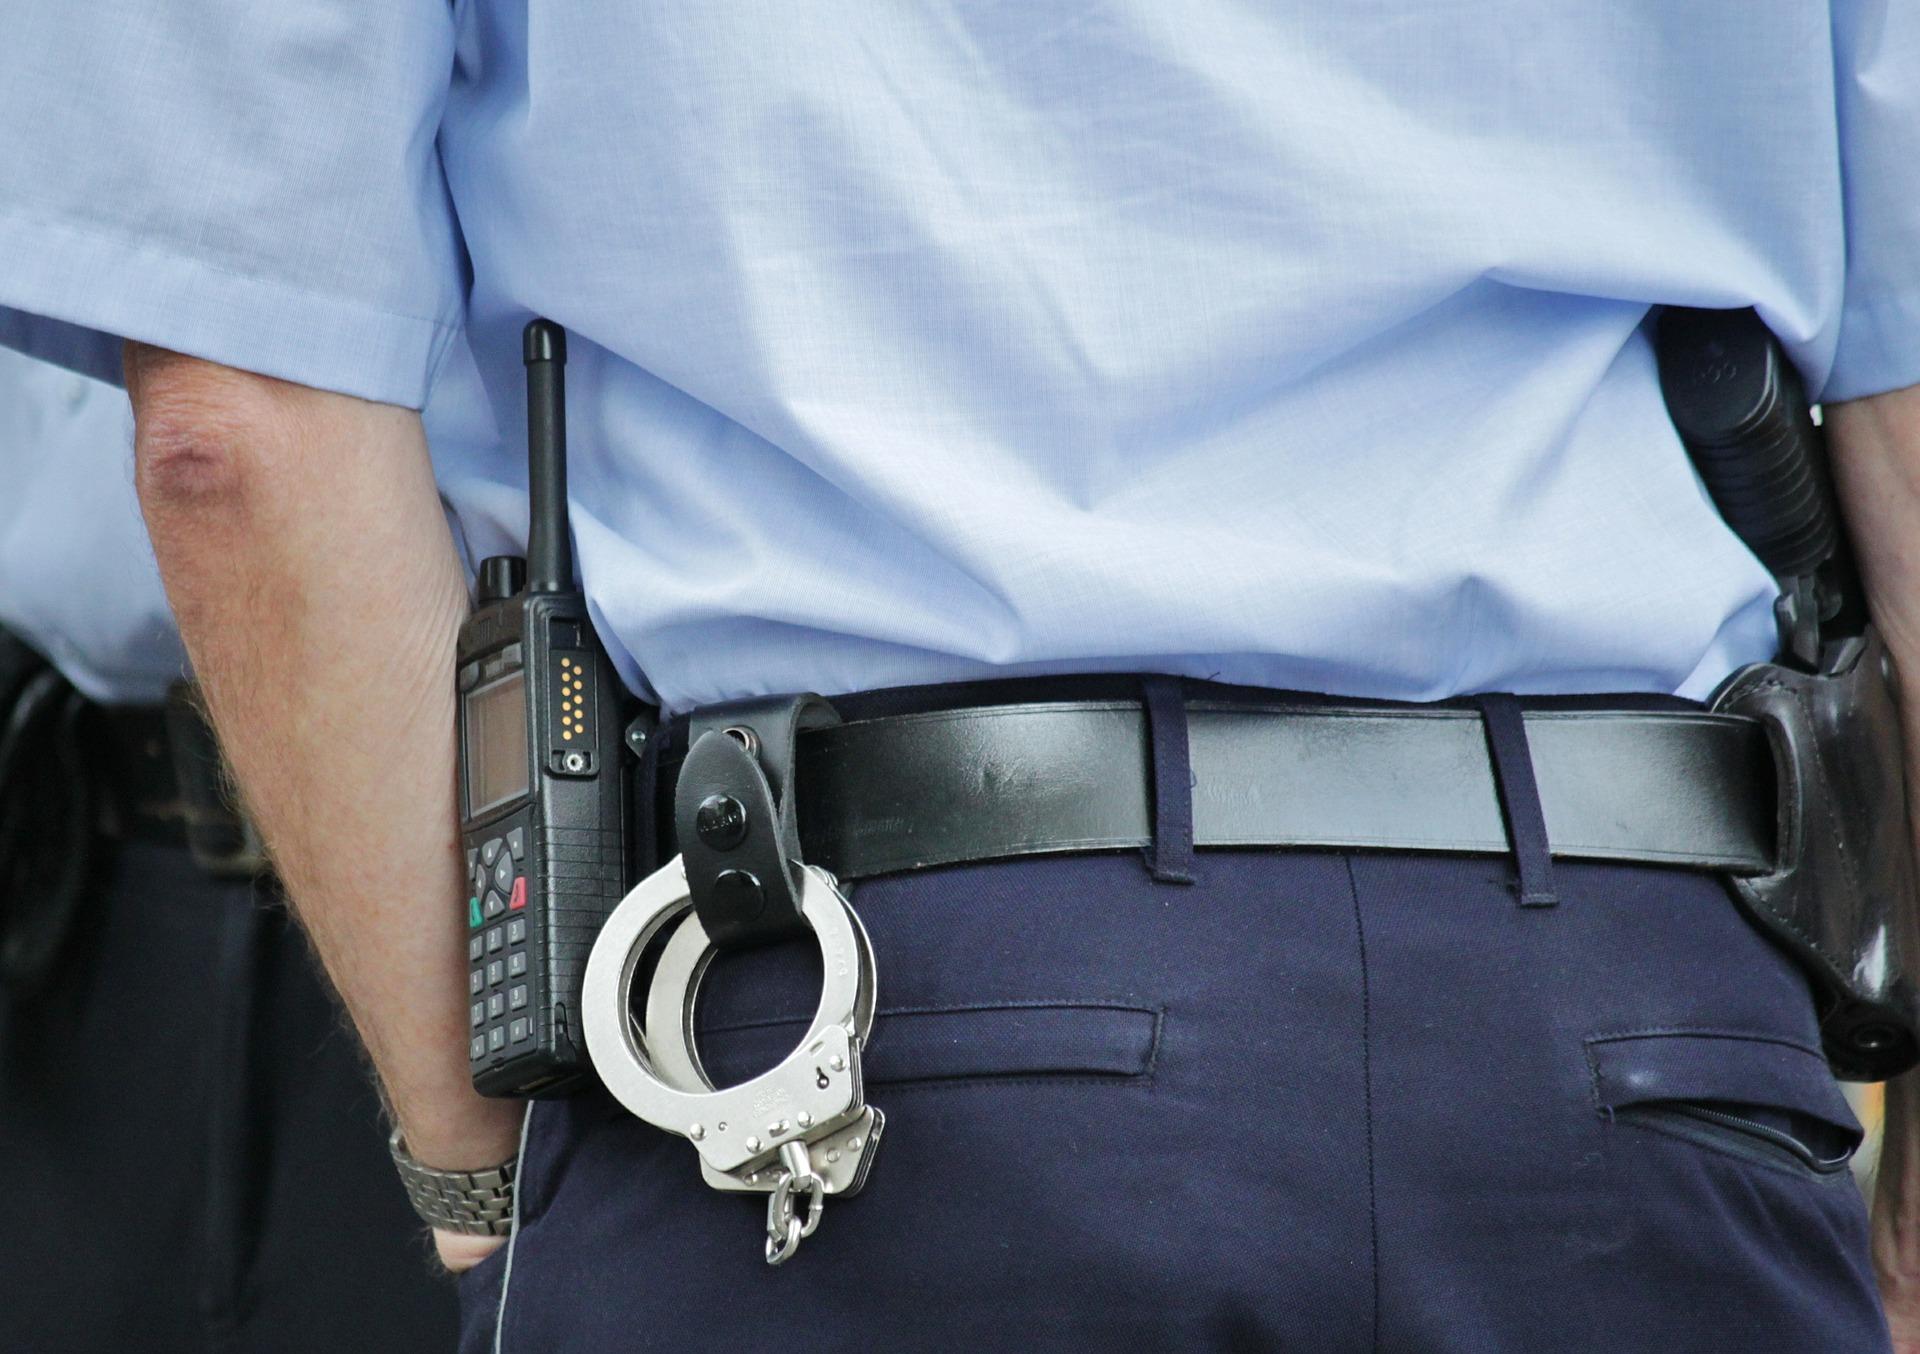 De politie is druk bezig met het achterhalen van de daders (Foto;Pixabay)